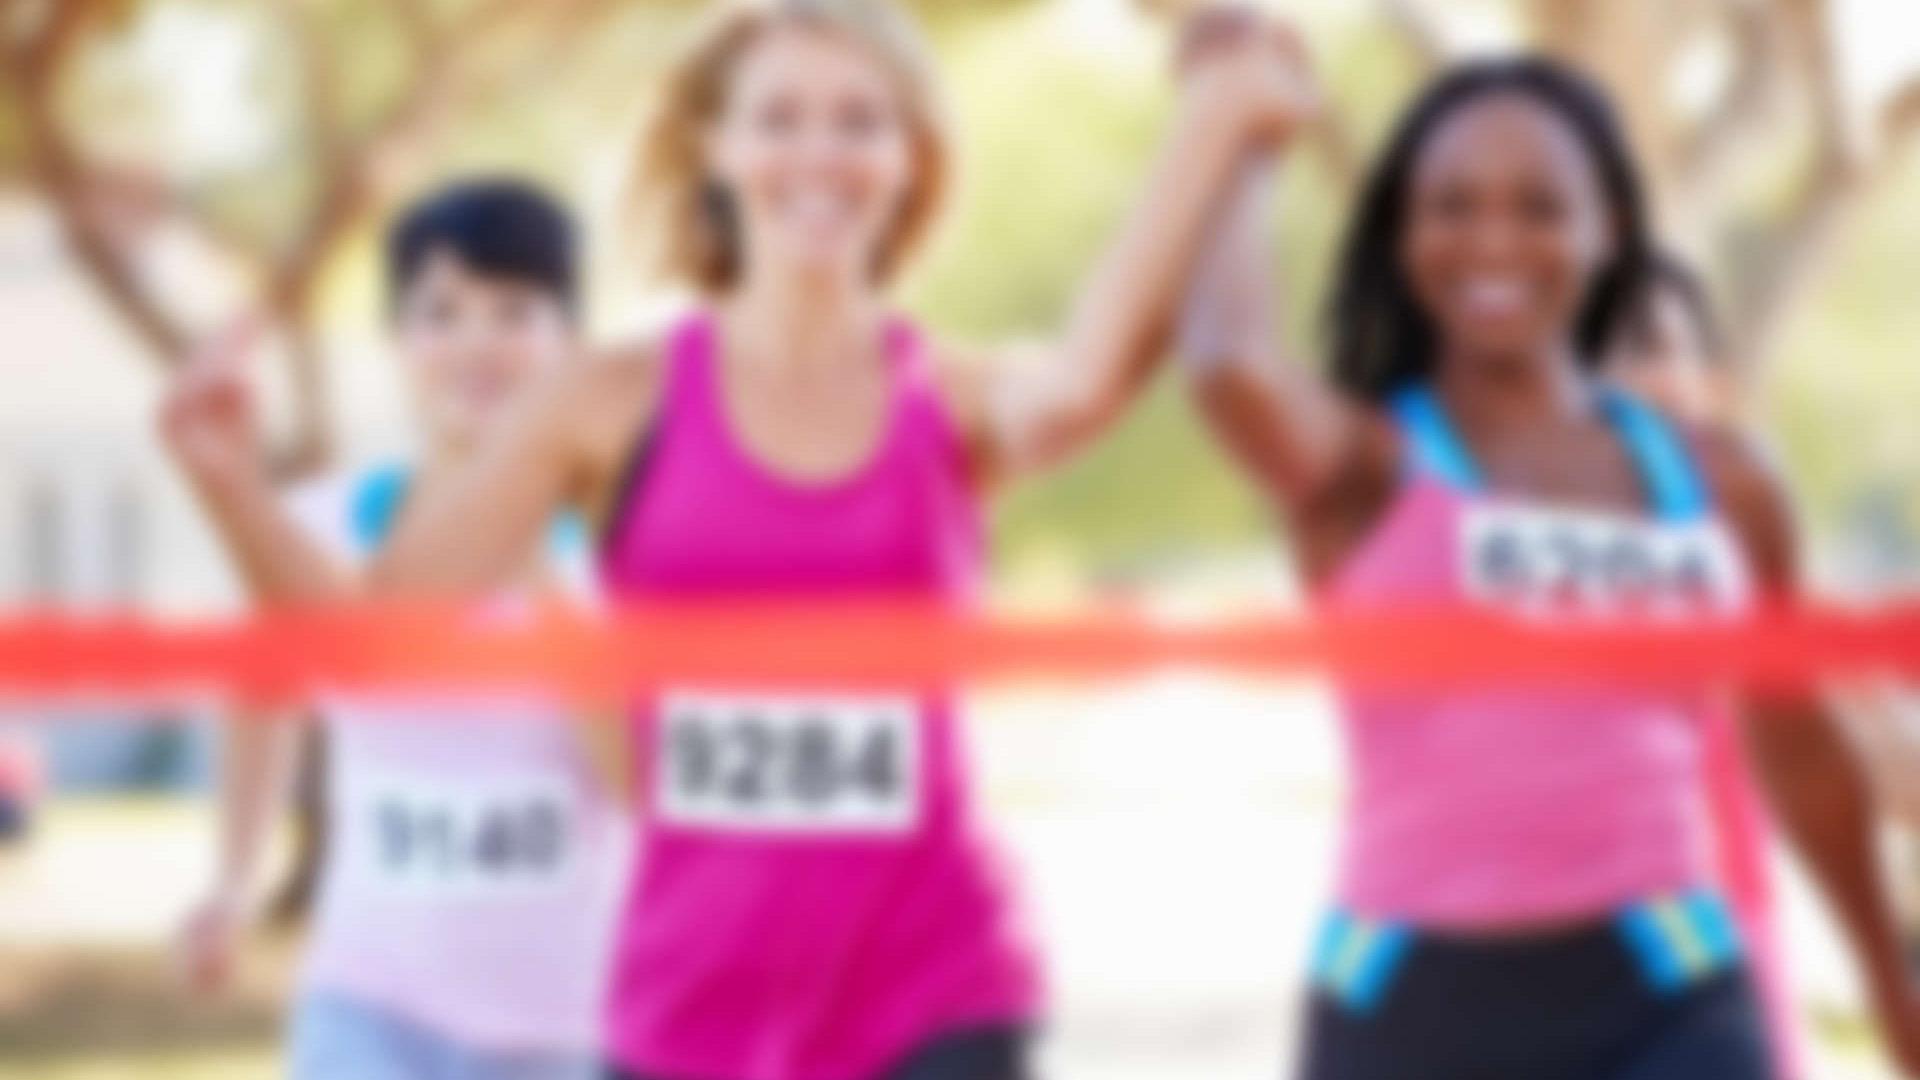 Treadmill VS Jogging